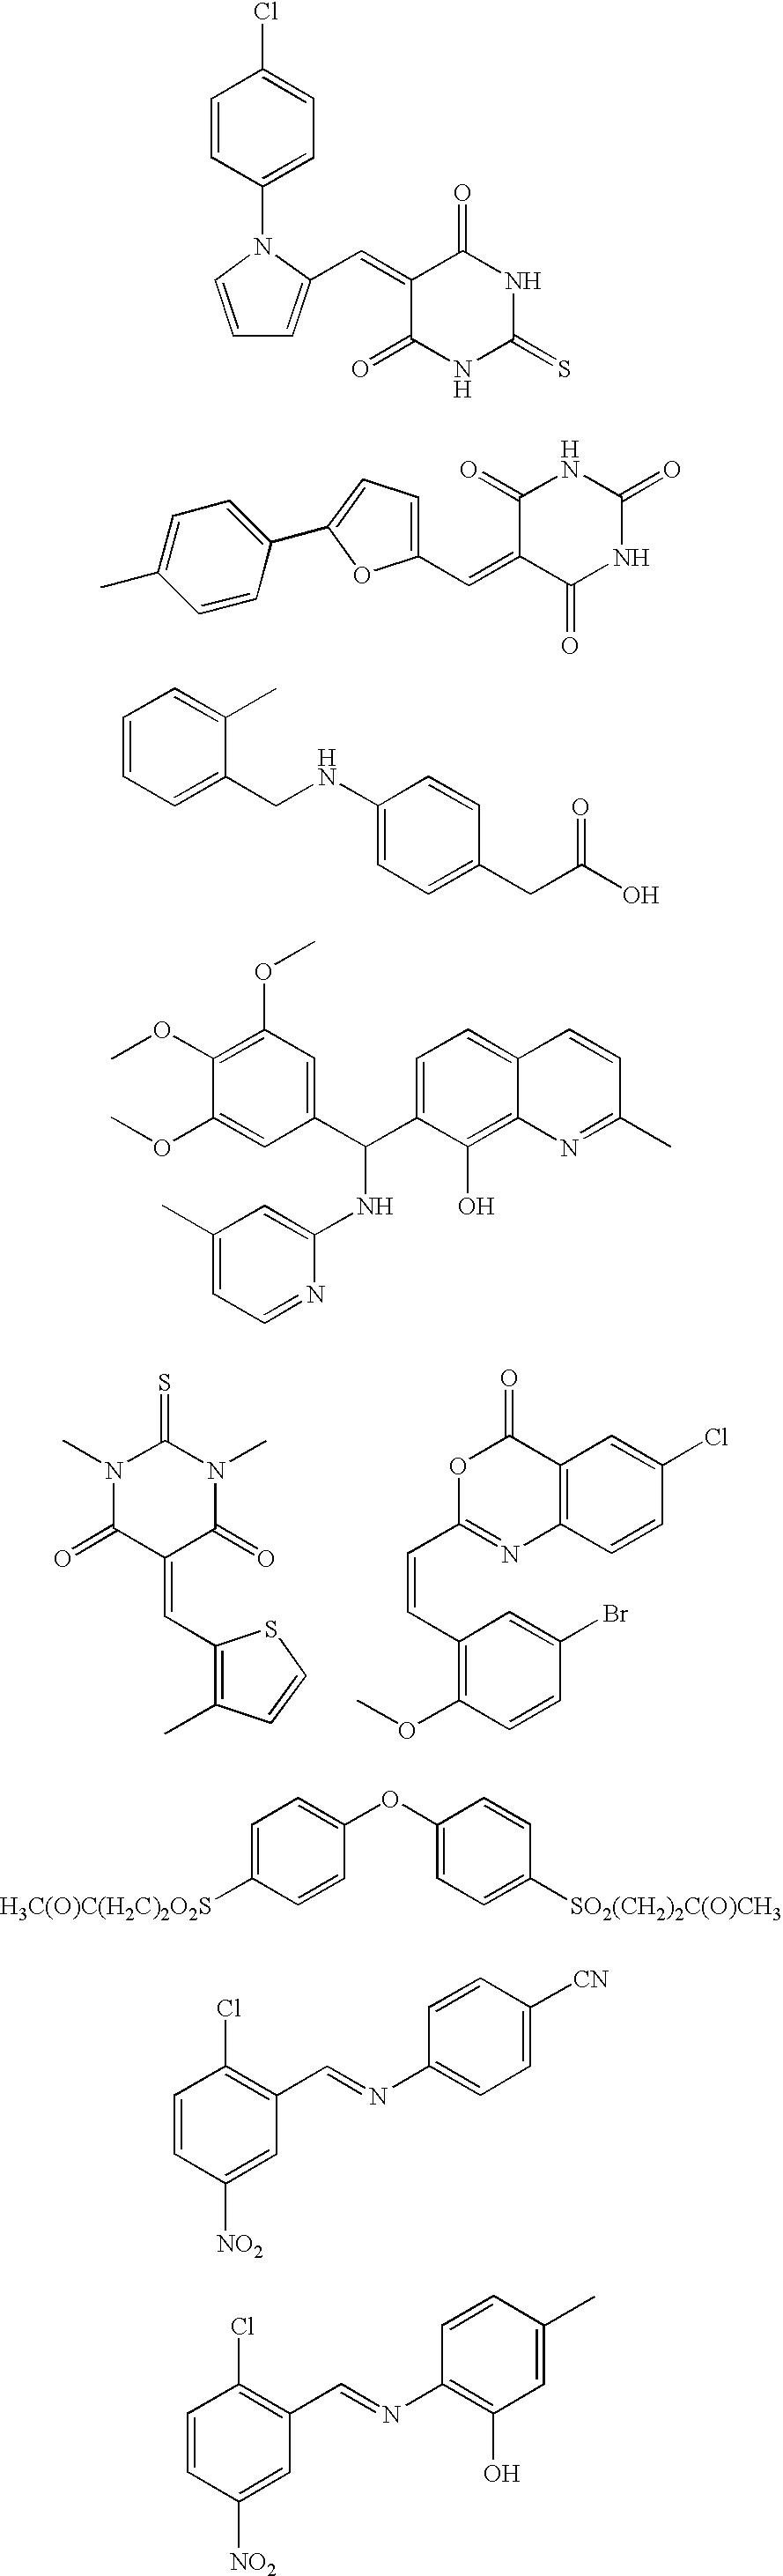 Figure US08119656-20120221-C00023